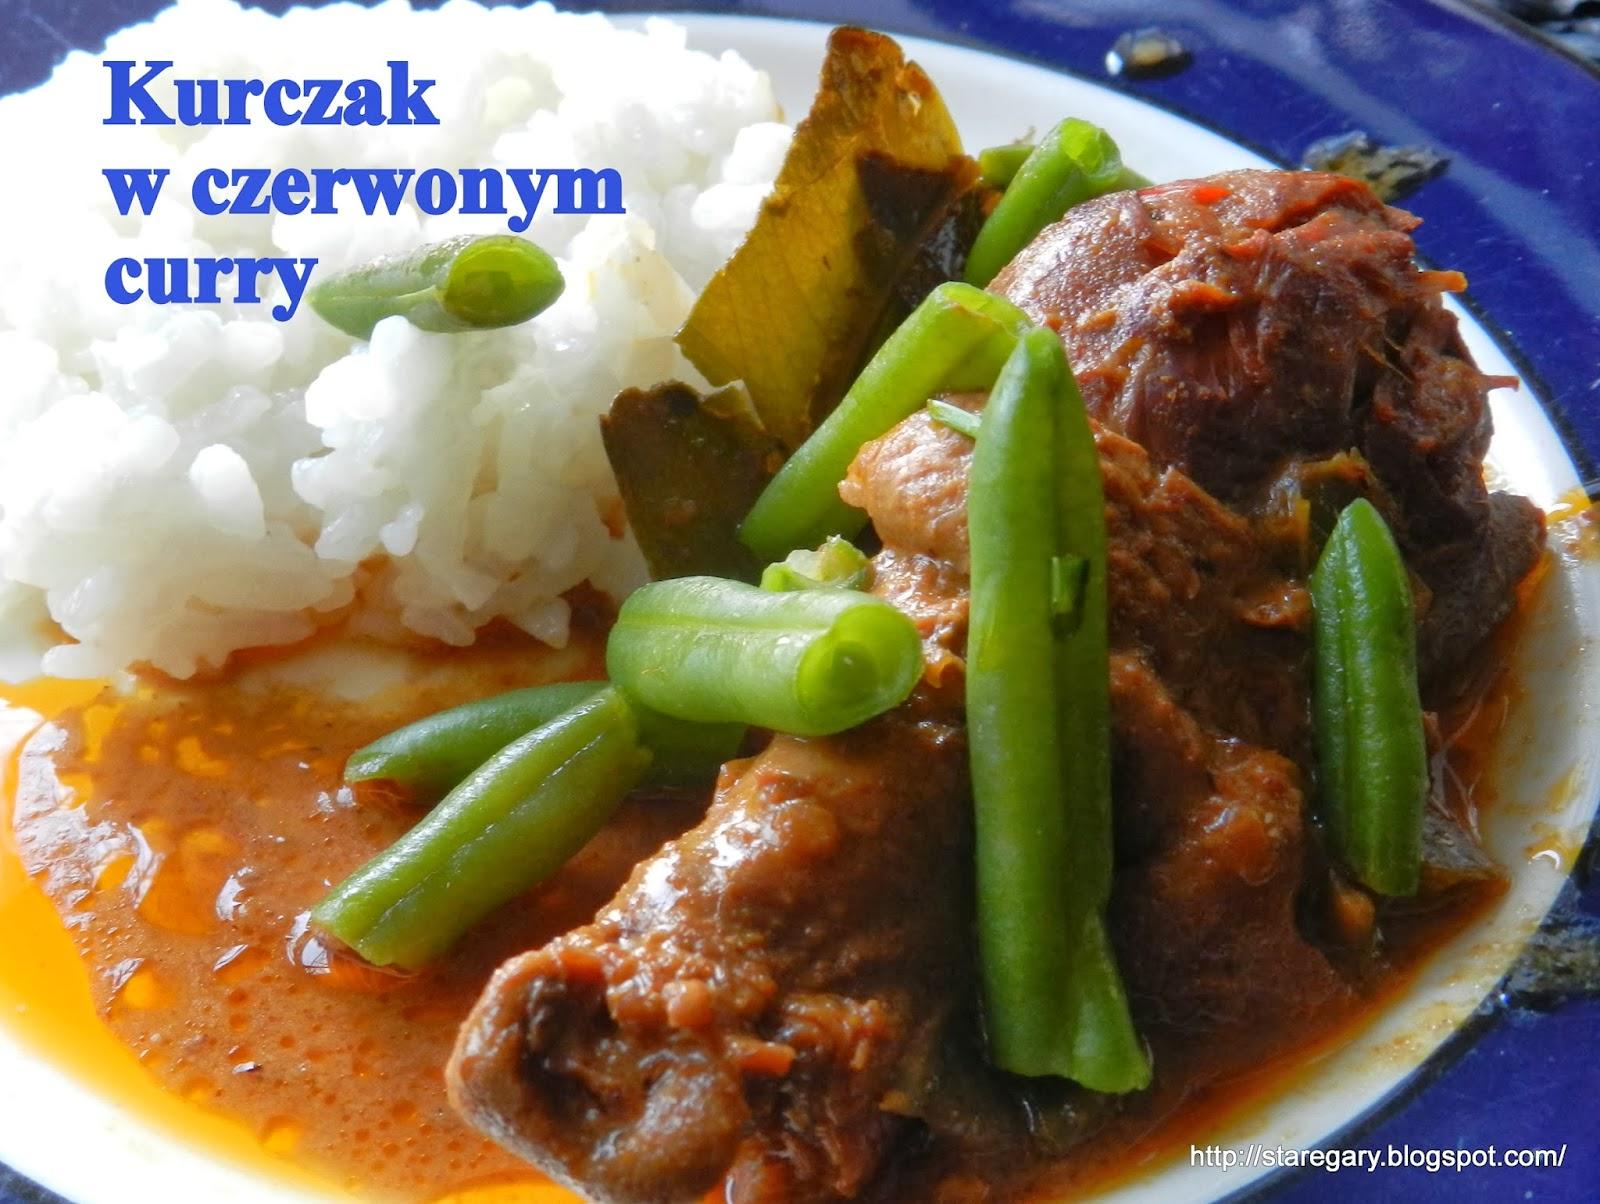 Kurczak  w czerwonym curry w wolnowarze